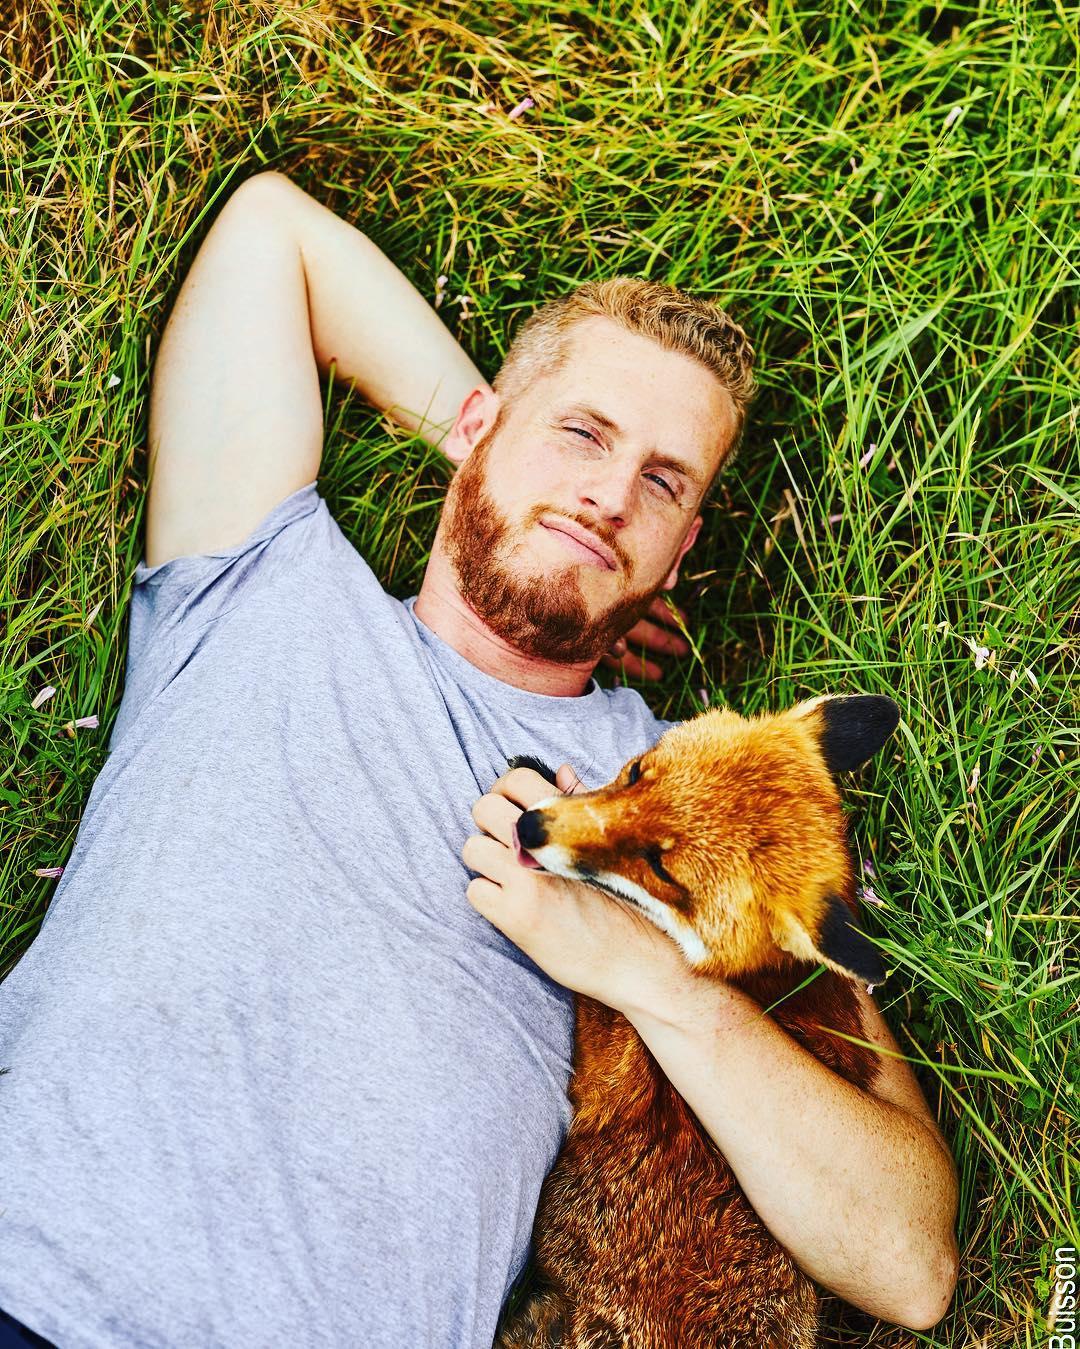 Yann Couvreur 主廚選擇以狐狸為甜點店的吉祥物,象徵自己熱愛自由、希望能不受拘束地創作。(照片來源:Instagram| @yanncouvreur  )